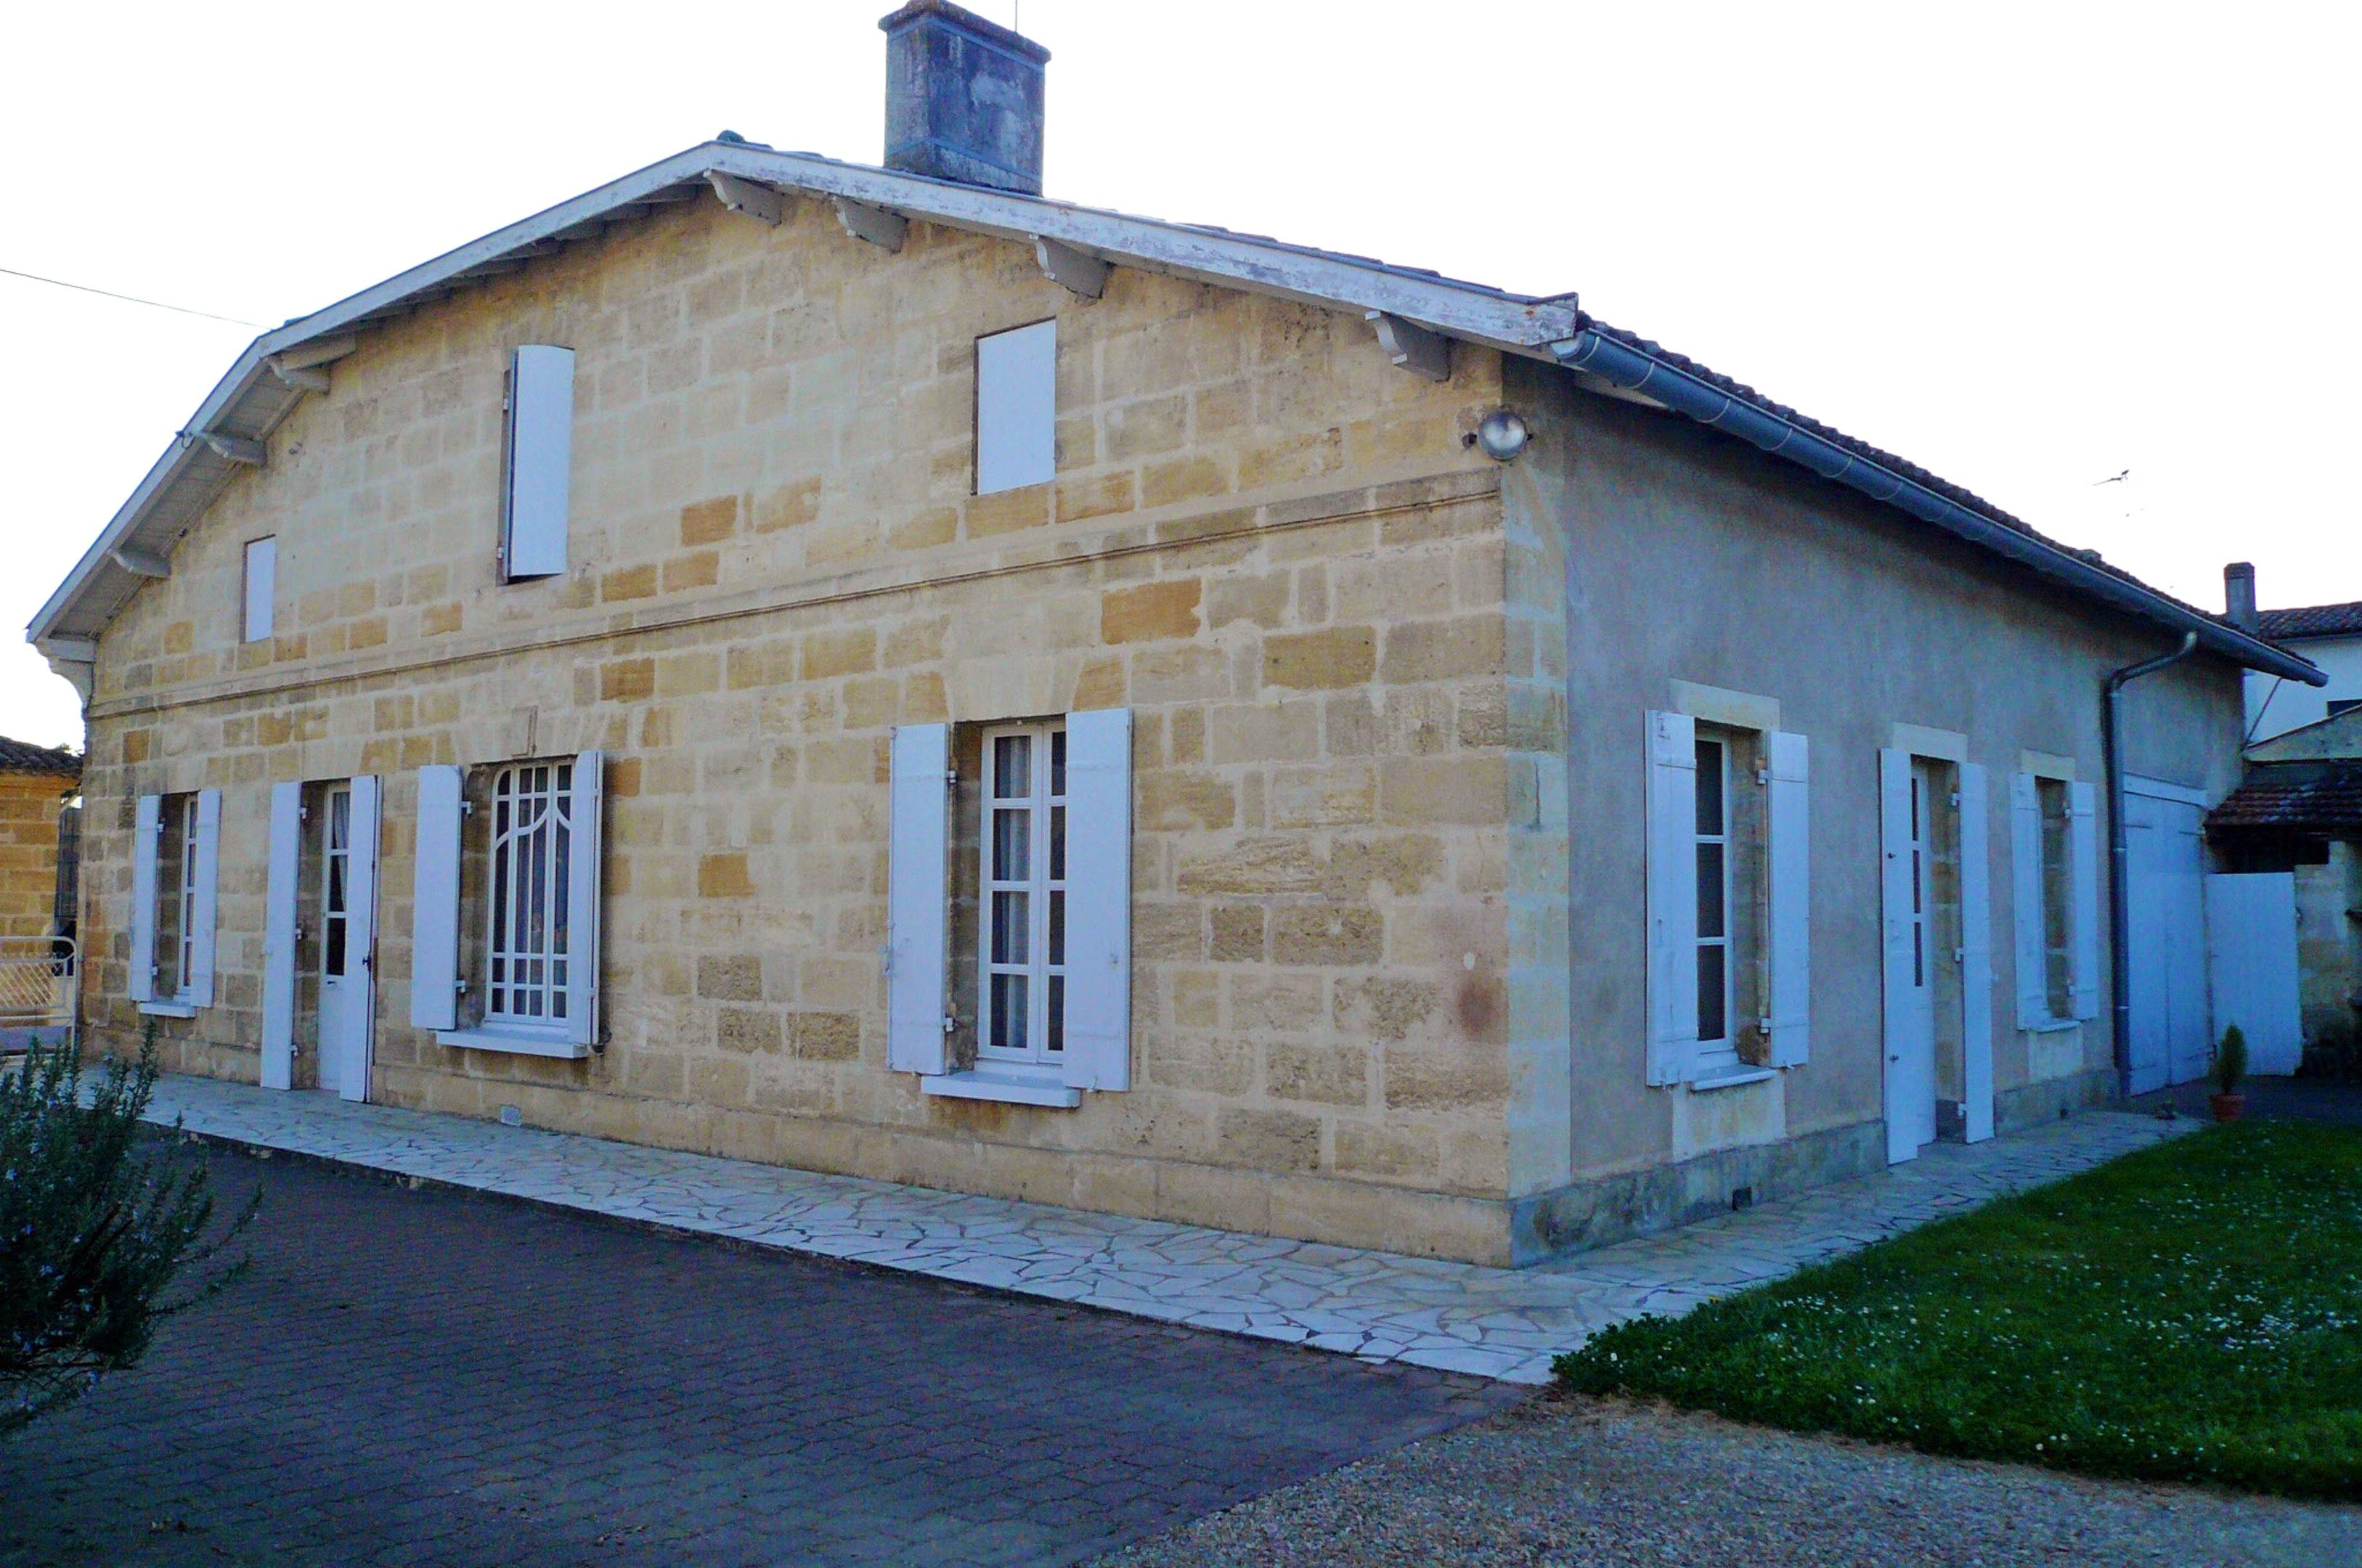 Maison de vacances Haus mit 4 Schlafzimmern in Castillon-la-Bataille mit eingezäuntem Garten und W-LAN - 85 k (2271453), Castillon la Bataille, Gironde, Aquitaine, France, image 2